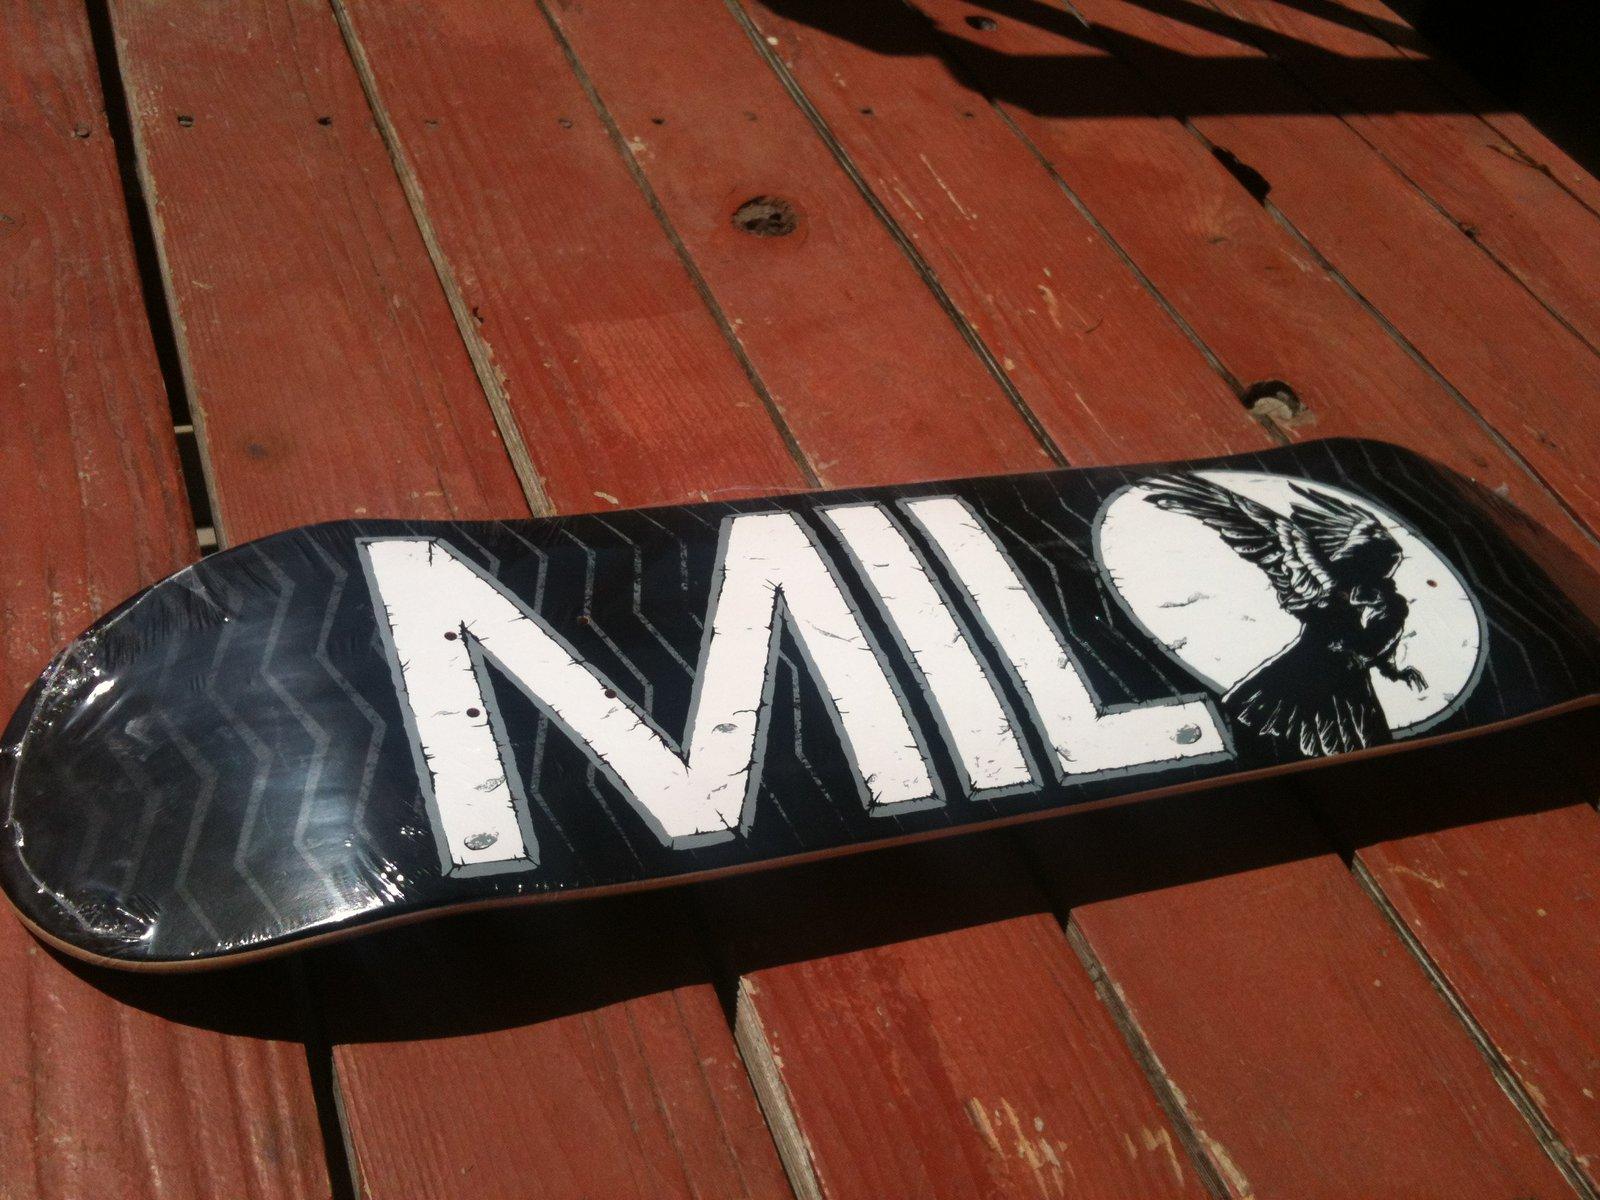 NEW (IN PLASTIC) Milo Skate Deck